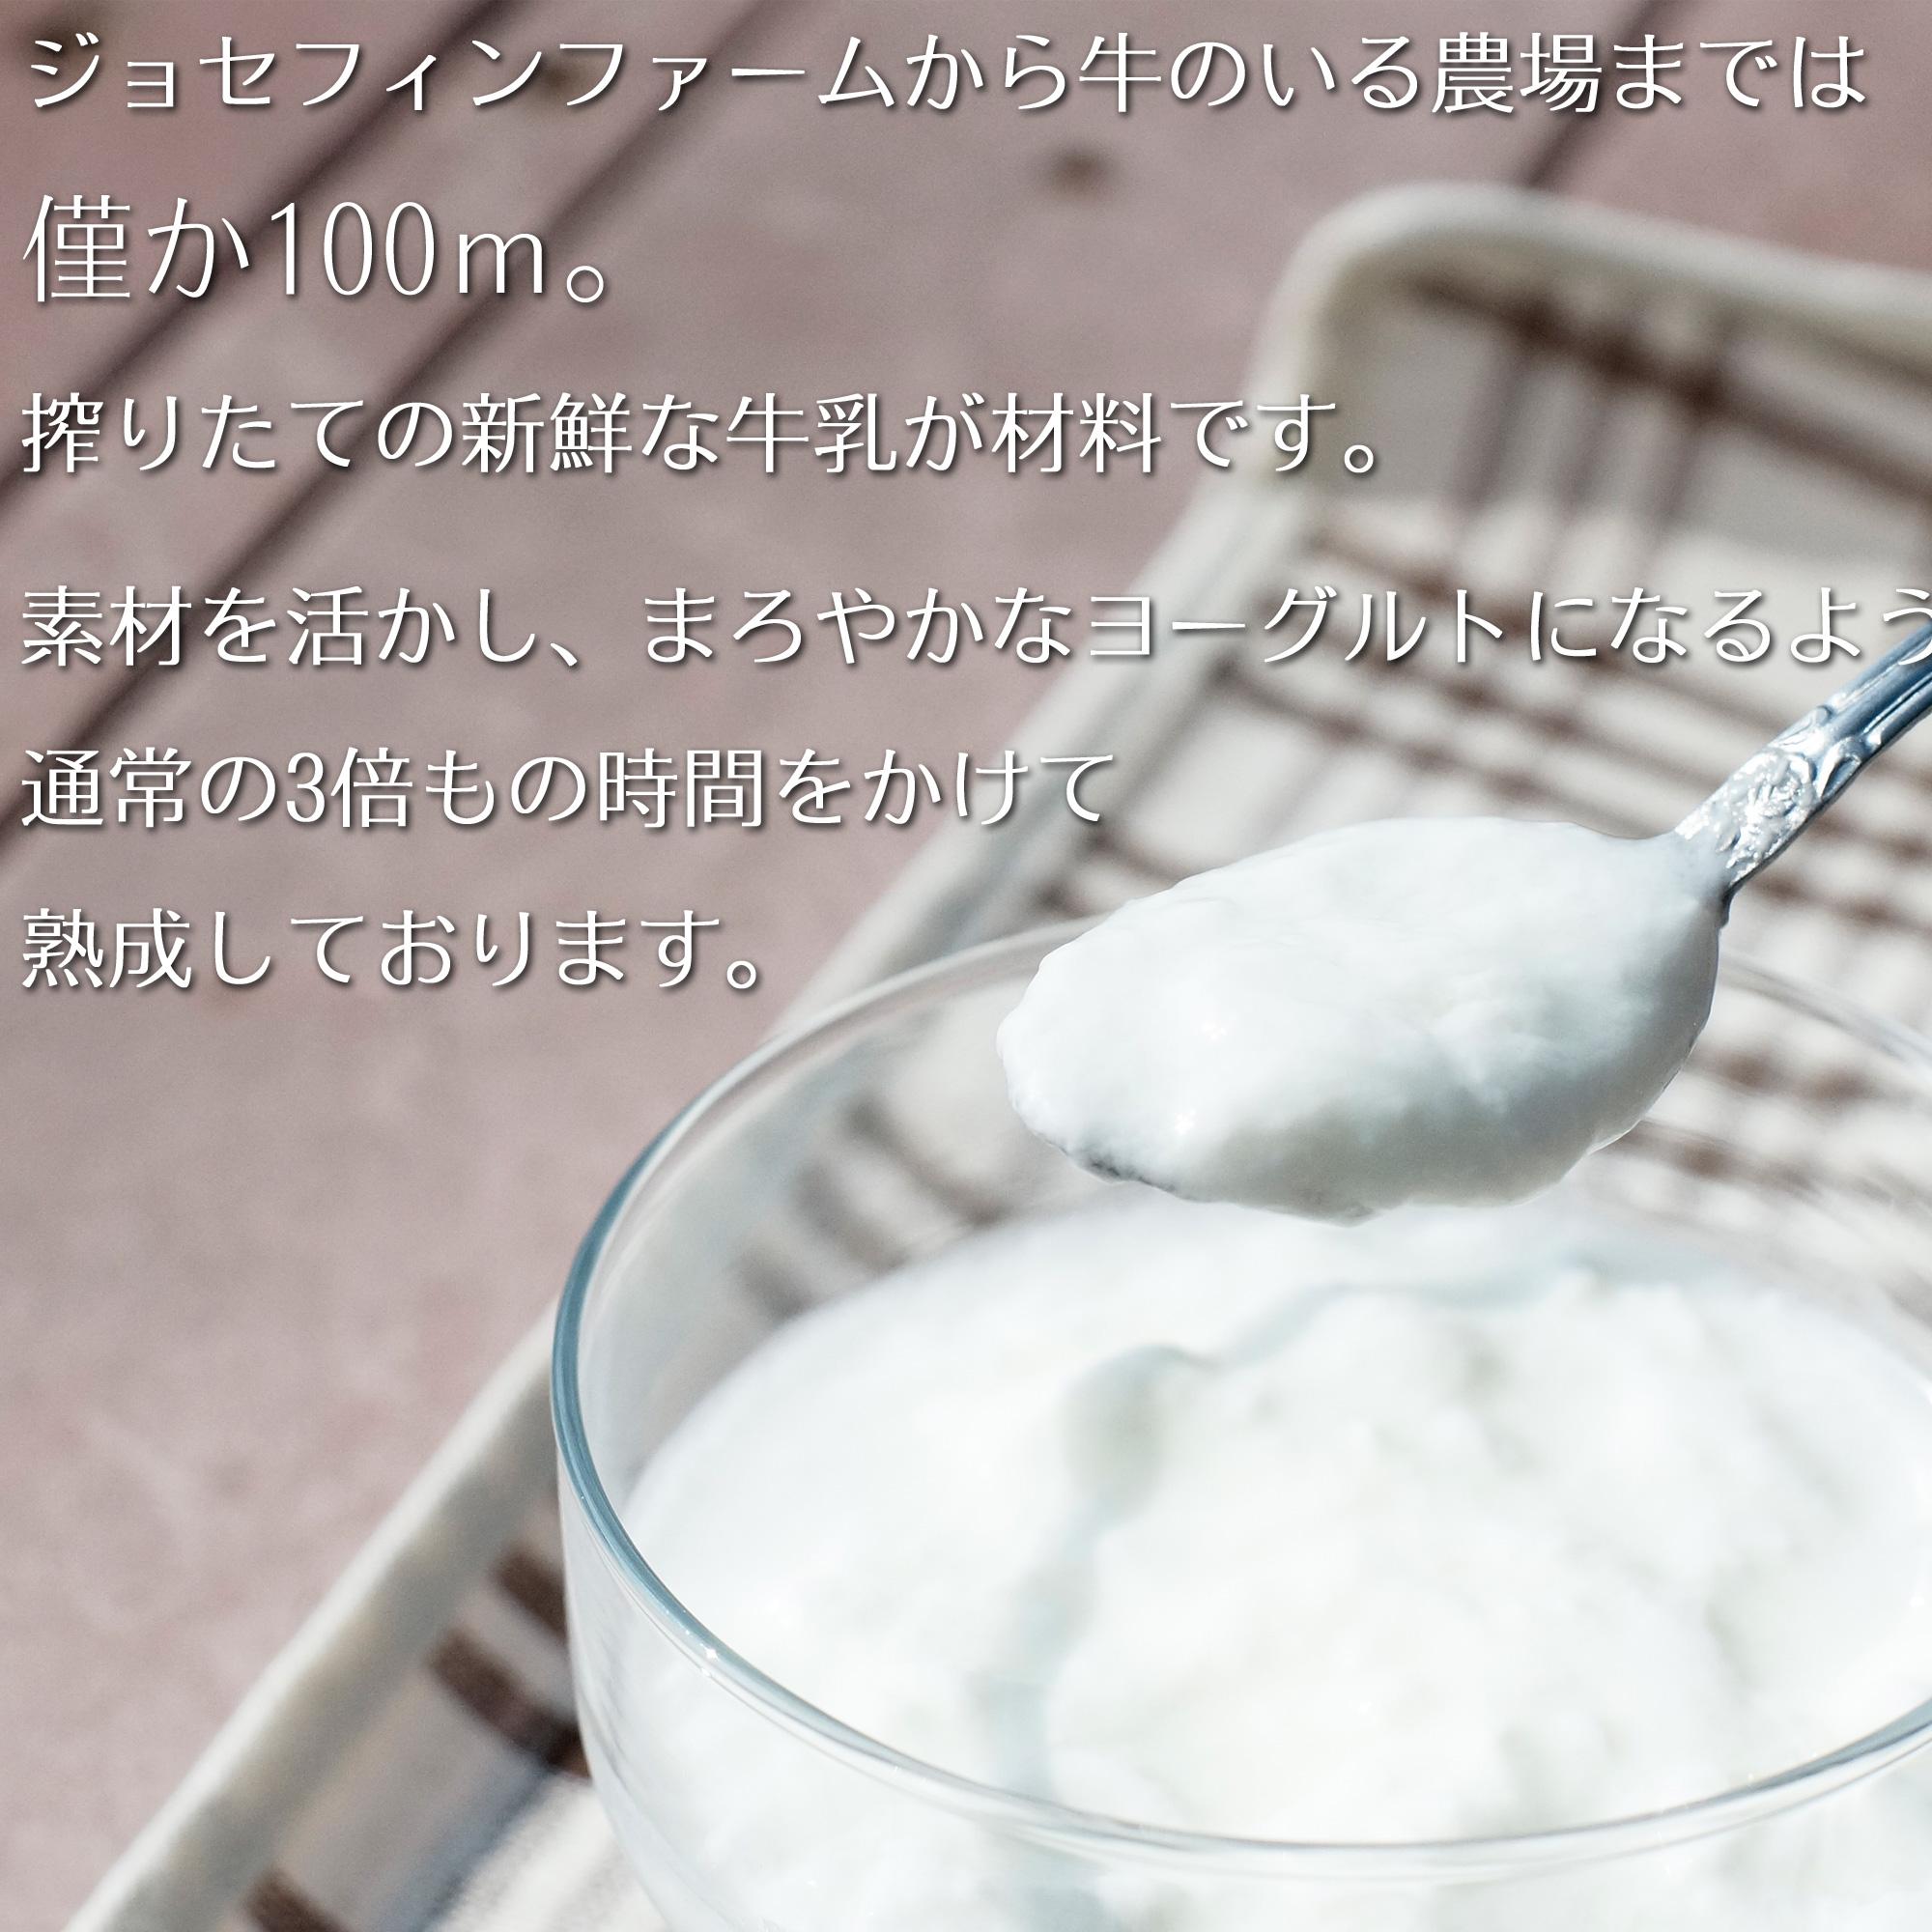 搾りたての新鮮な牛乳が材料です。